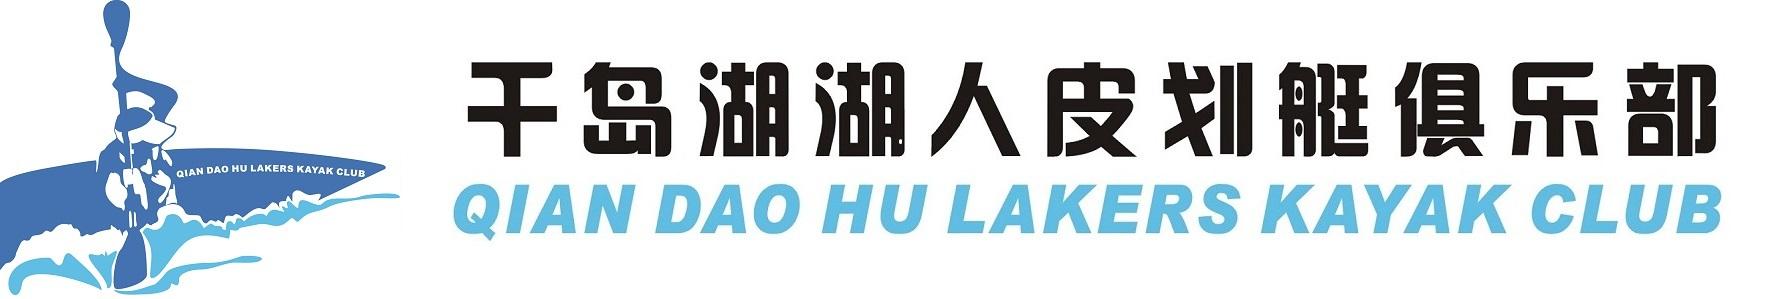 千岛湖湖人皮划艇俱乐部